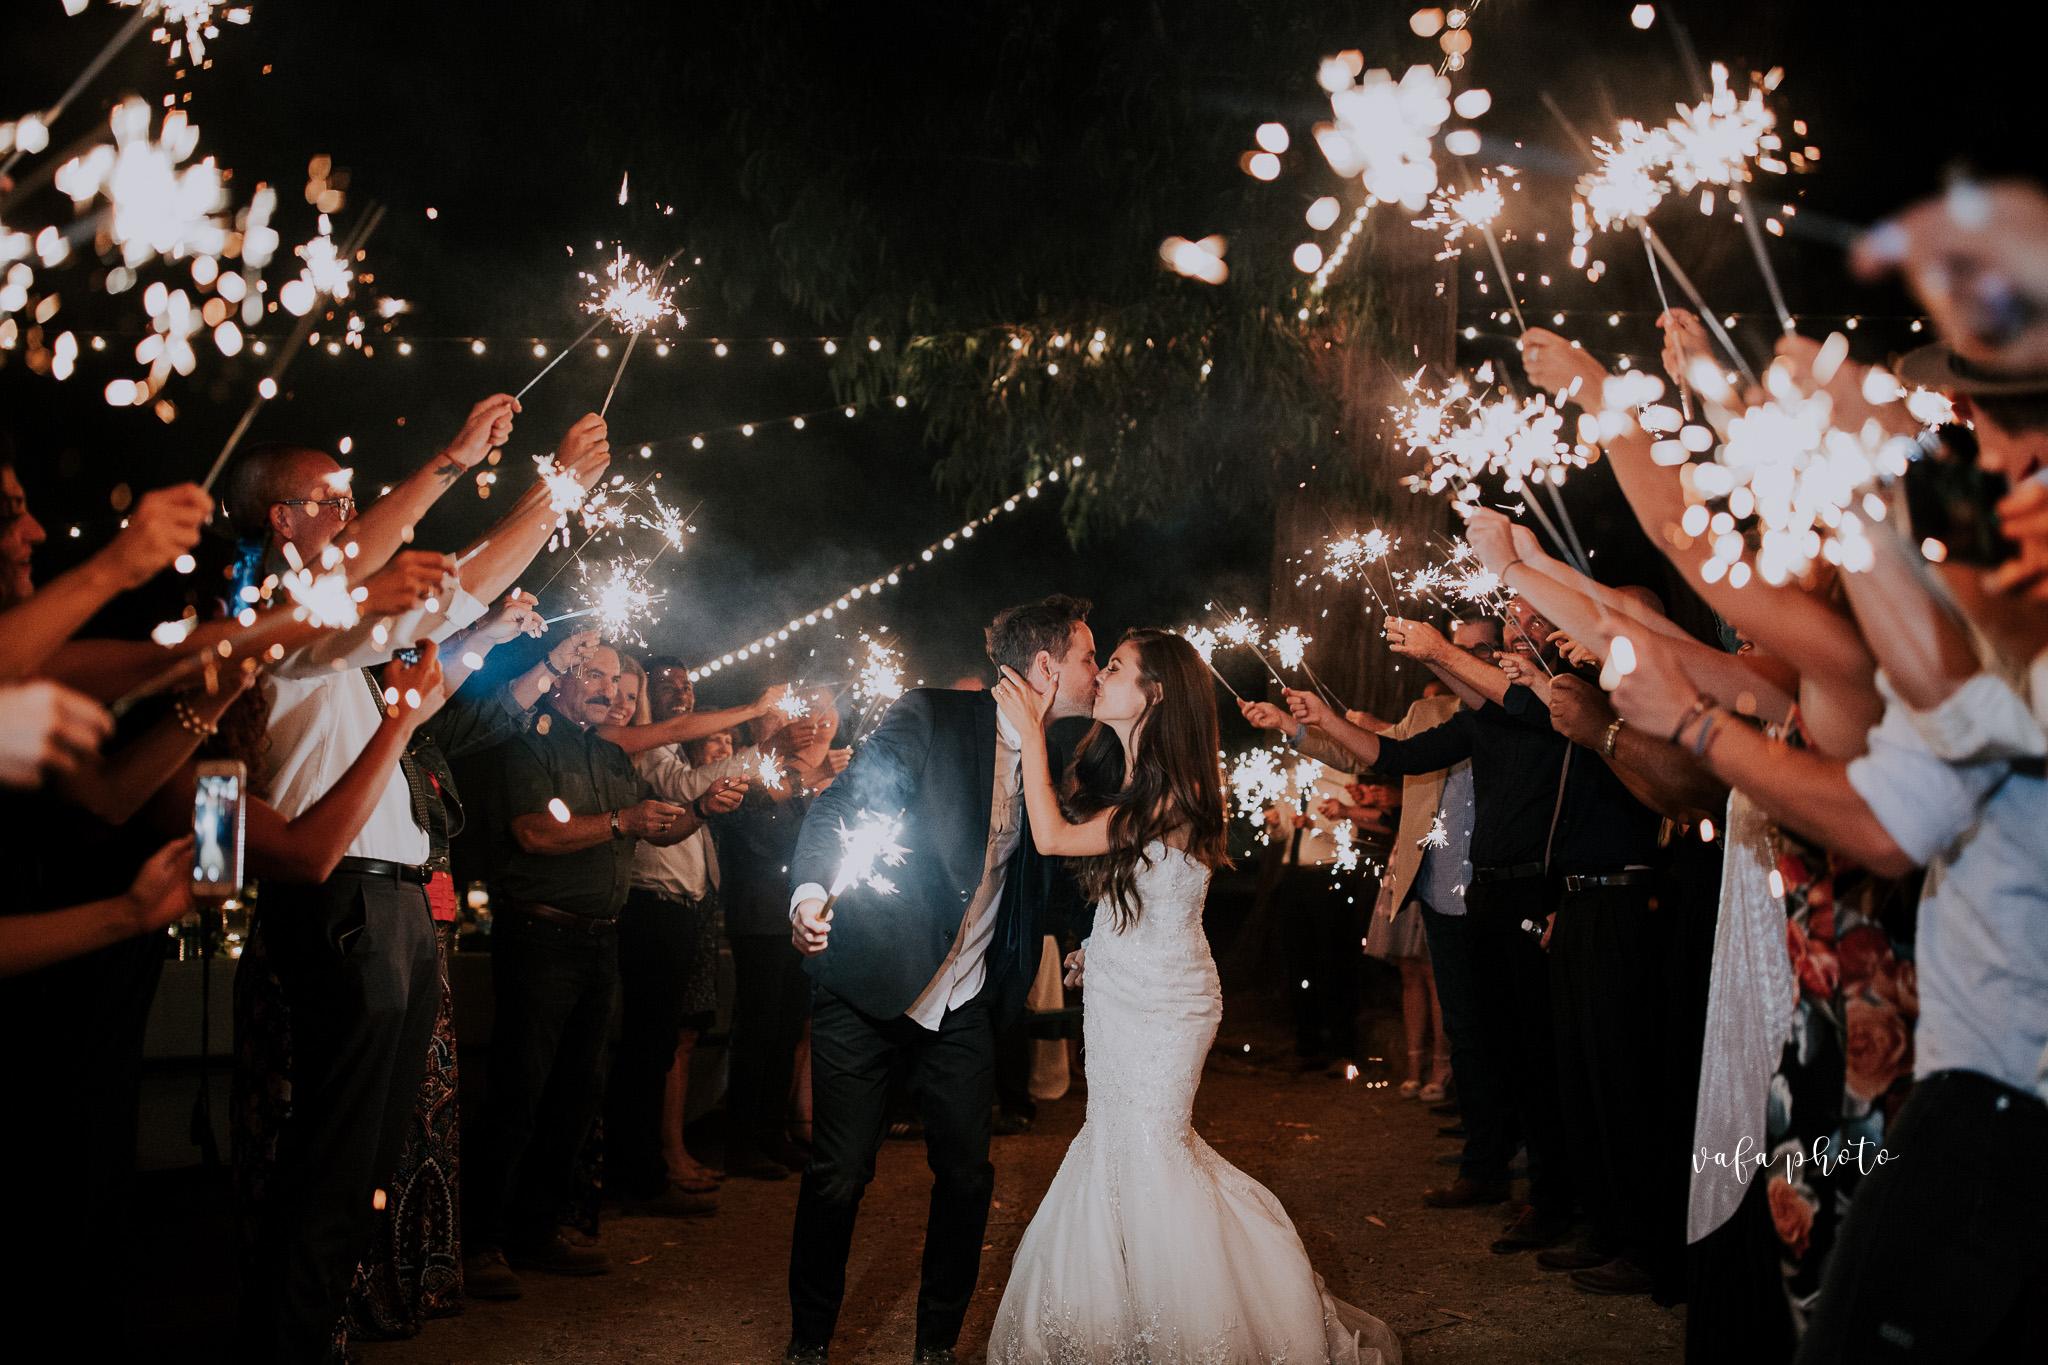 Southern-California-Wedding-Britt-Nilsson-Jeremy-Byrne-Vafa-Photo-1132.jpg